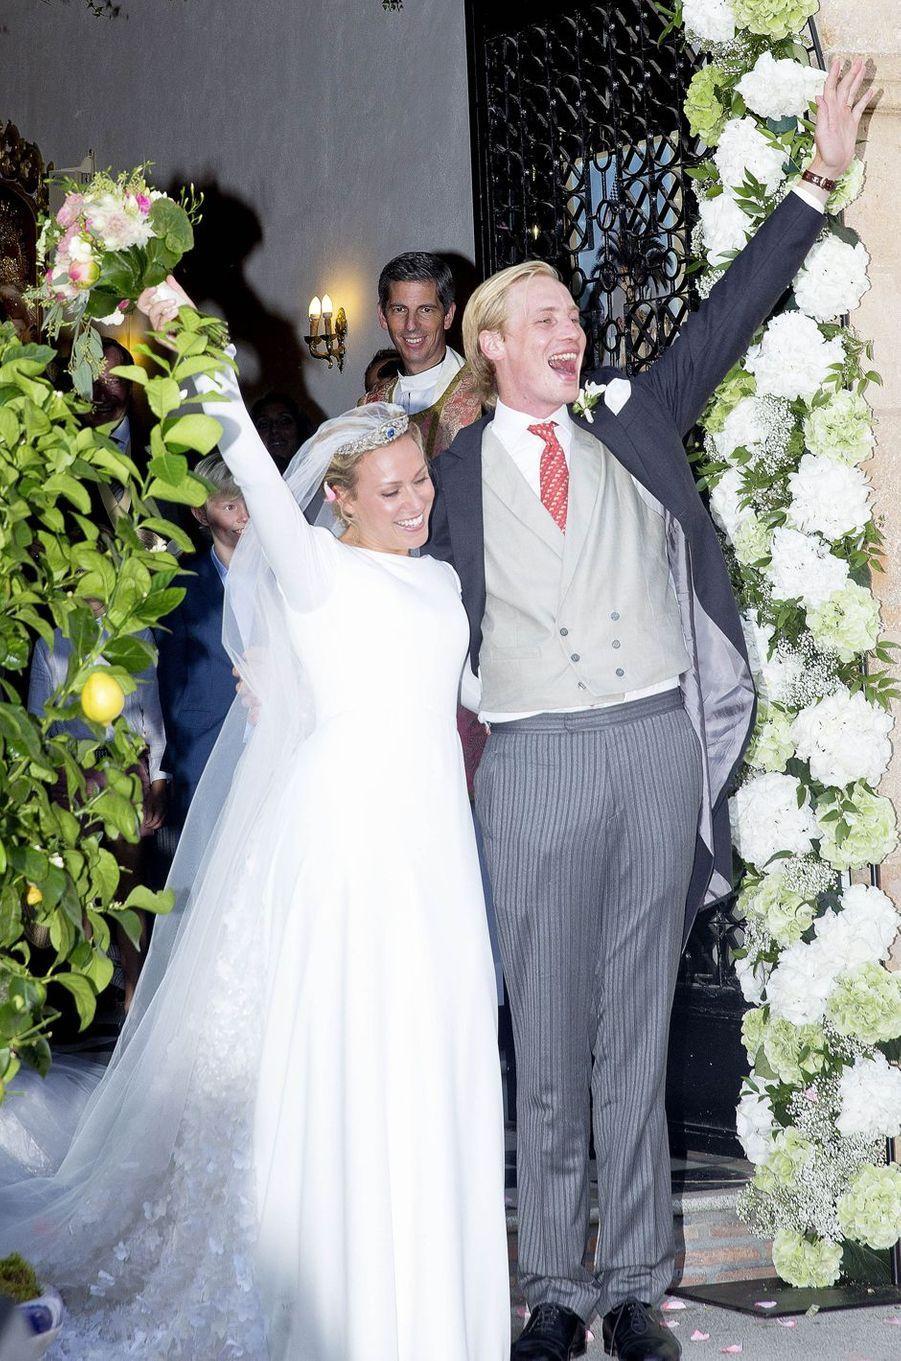 La princesse Marie-Gabrielle de Nassau et Antonius Willms, le jour de leur mariage, le 2 septembre 2017 à Marbella